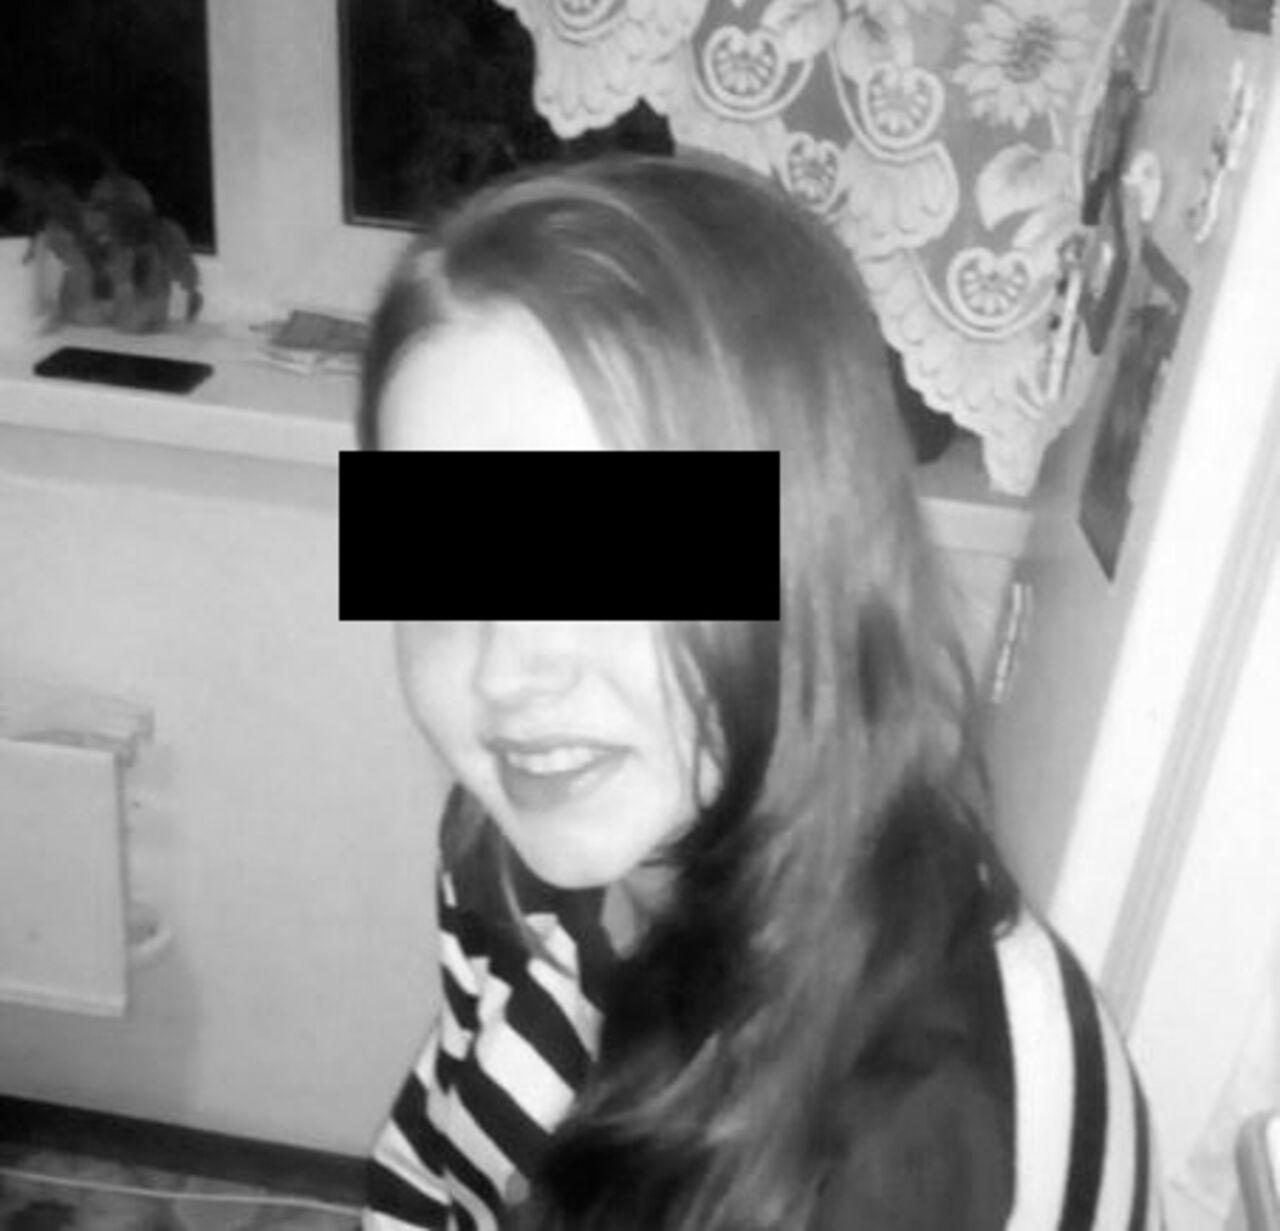 ВНовокузнецке вквартире знакомого отыскали тело 13-летней школьницы